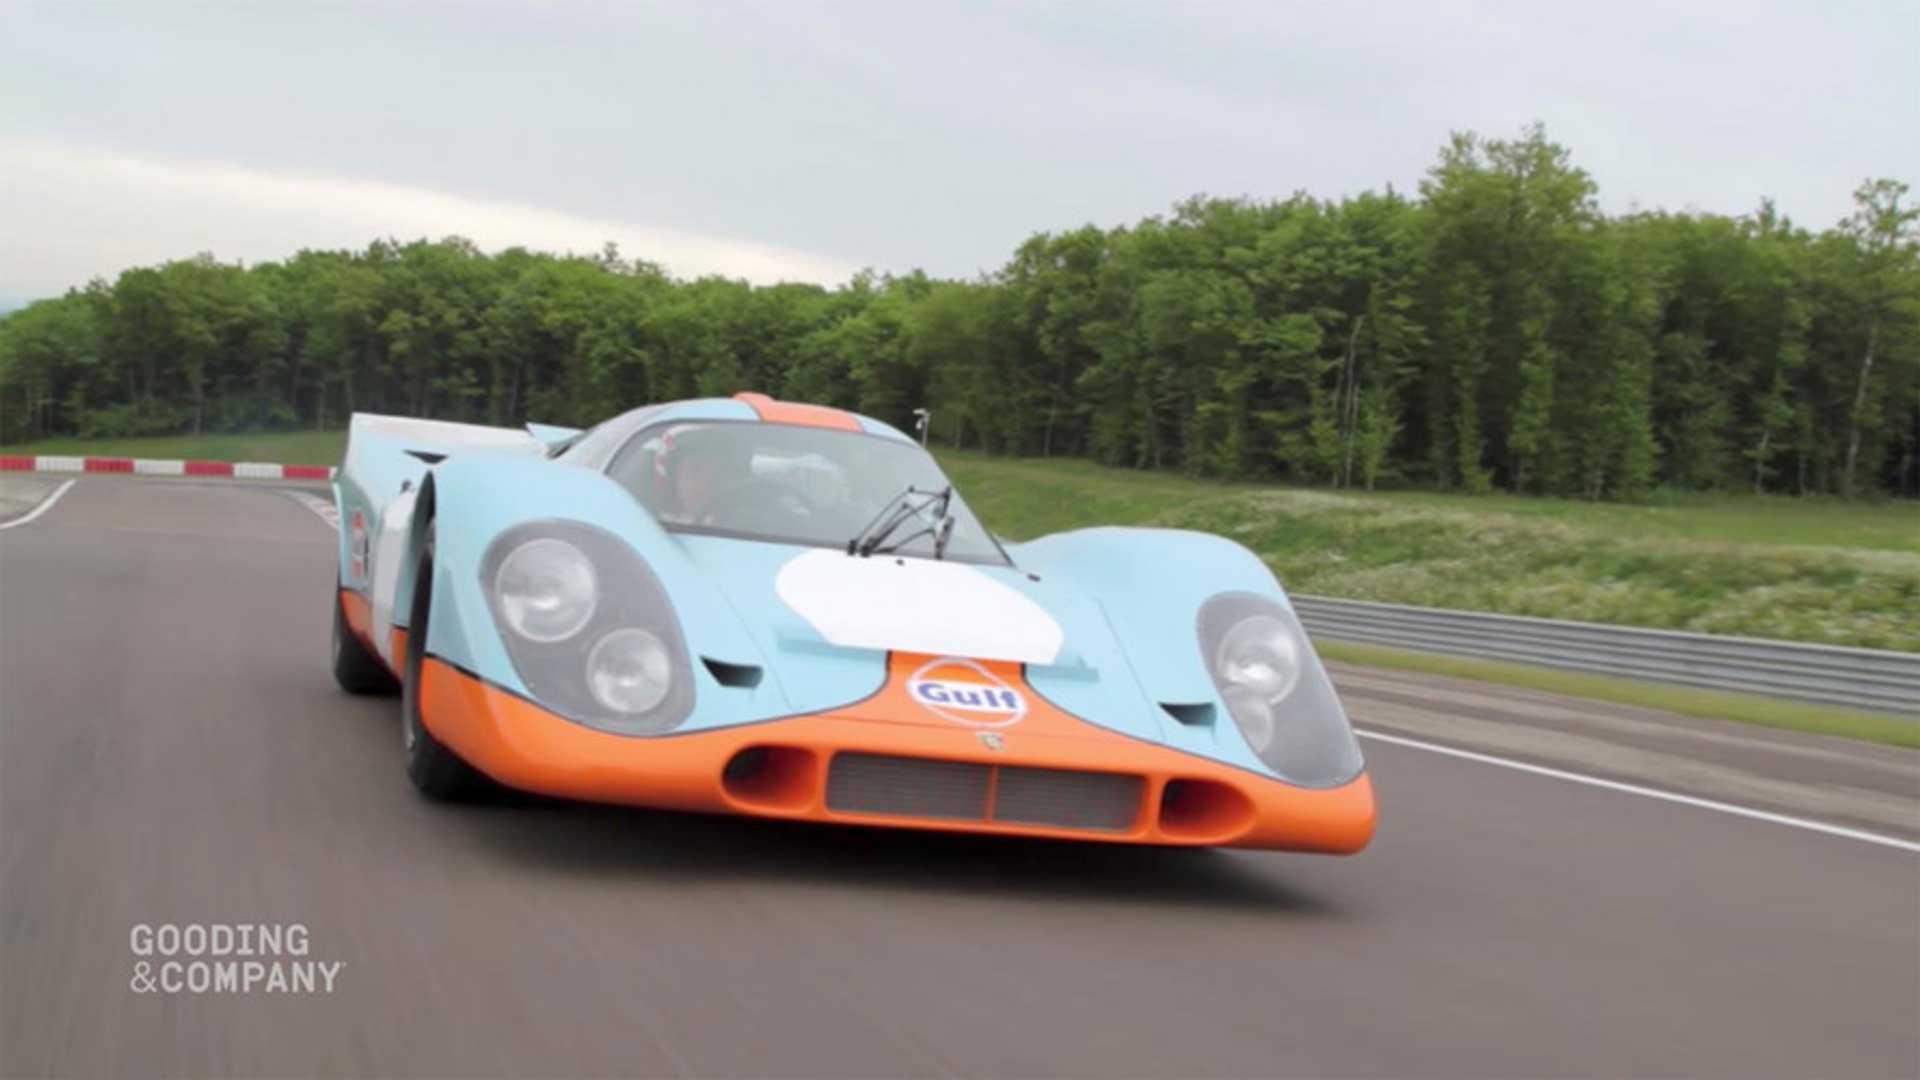 Porsche 917 For Sale >> Porsche 917k With Le Mans Film Credit Sells For 14m